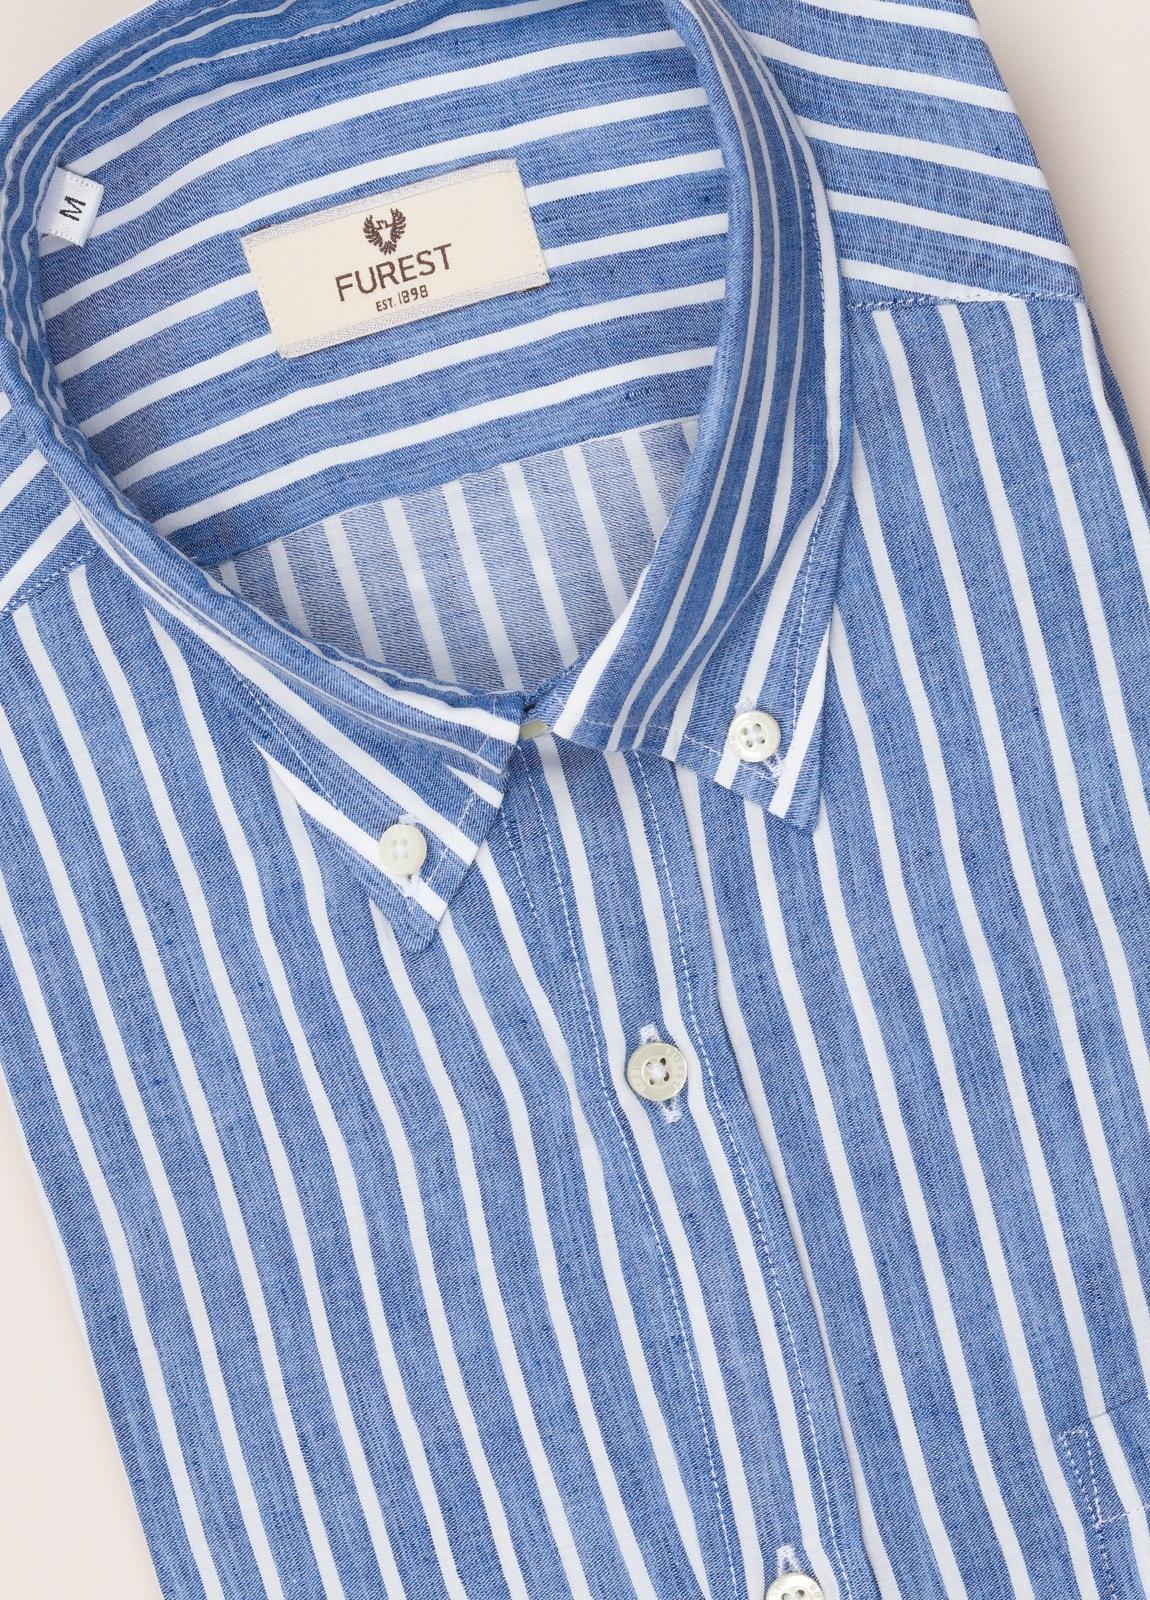 Camisa sport FUREST COLECCIÓN REGULAR FIT rayas azul - Ítem1